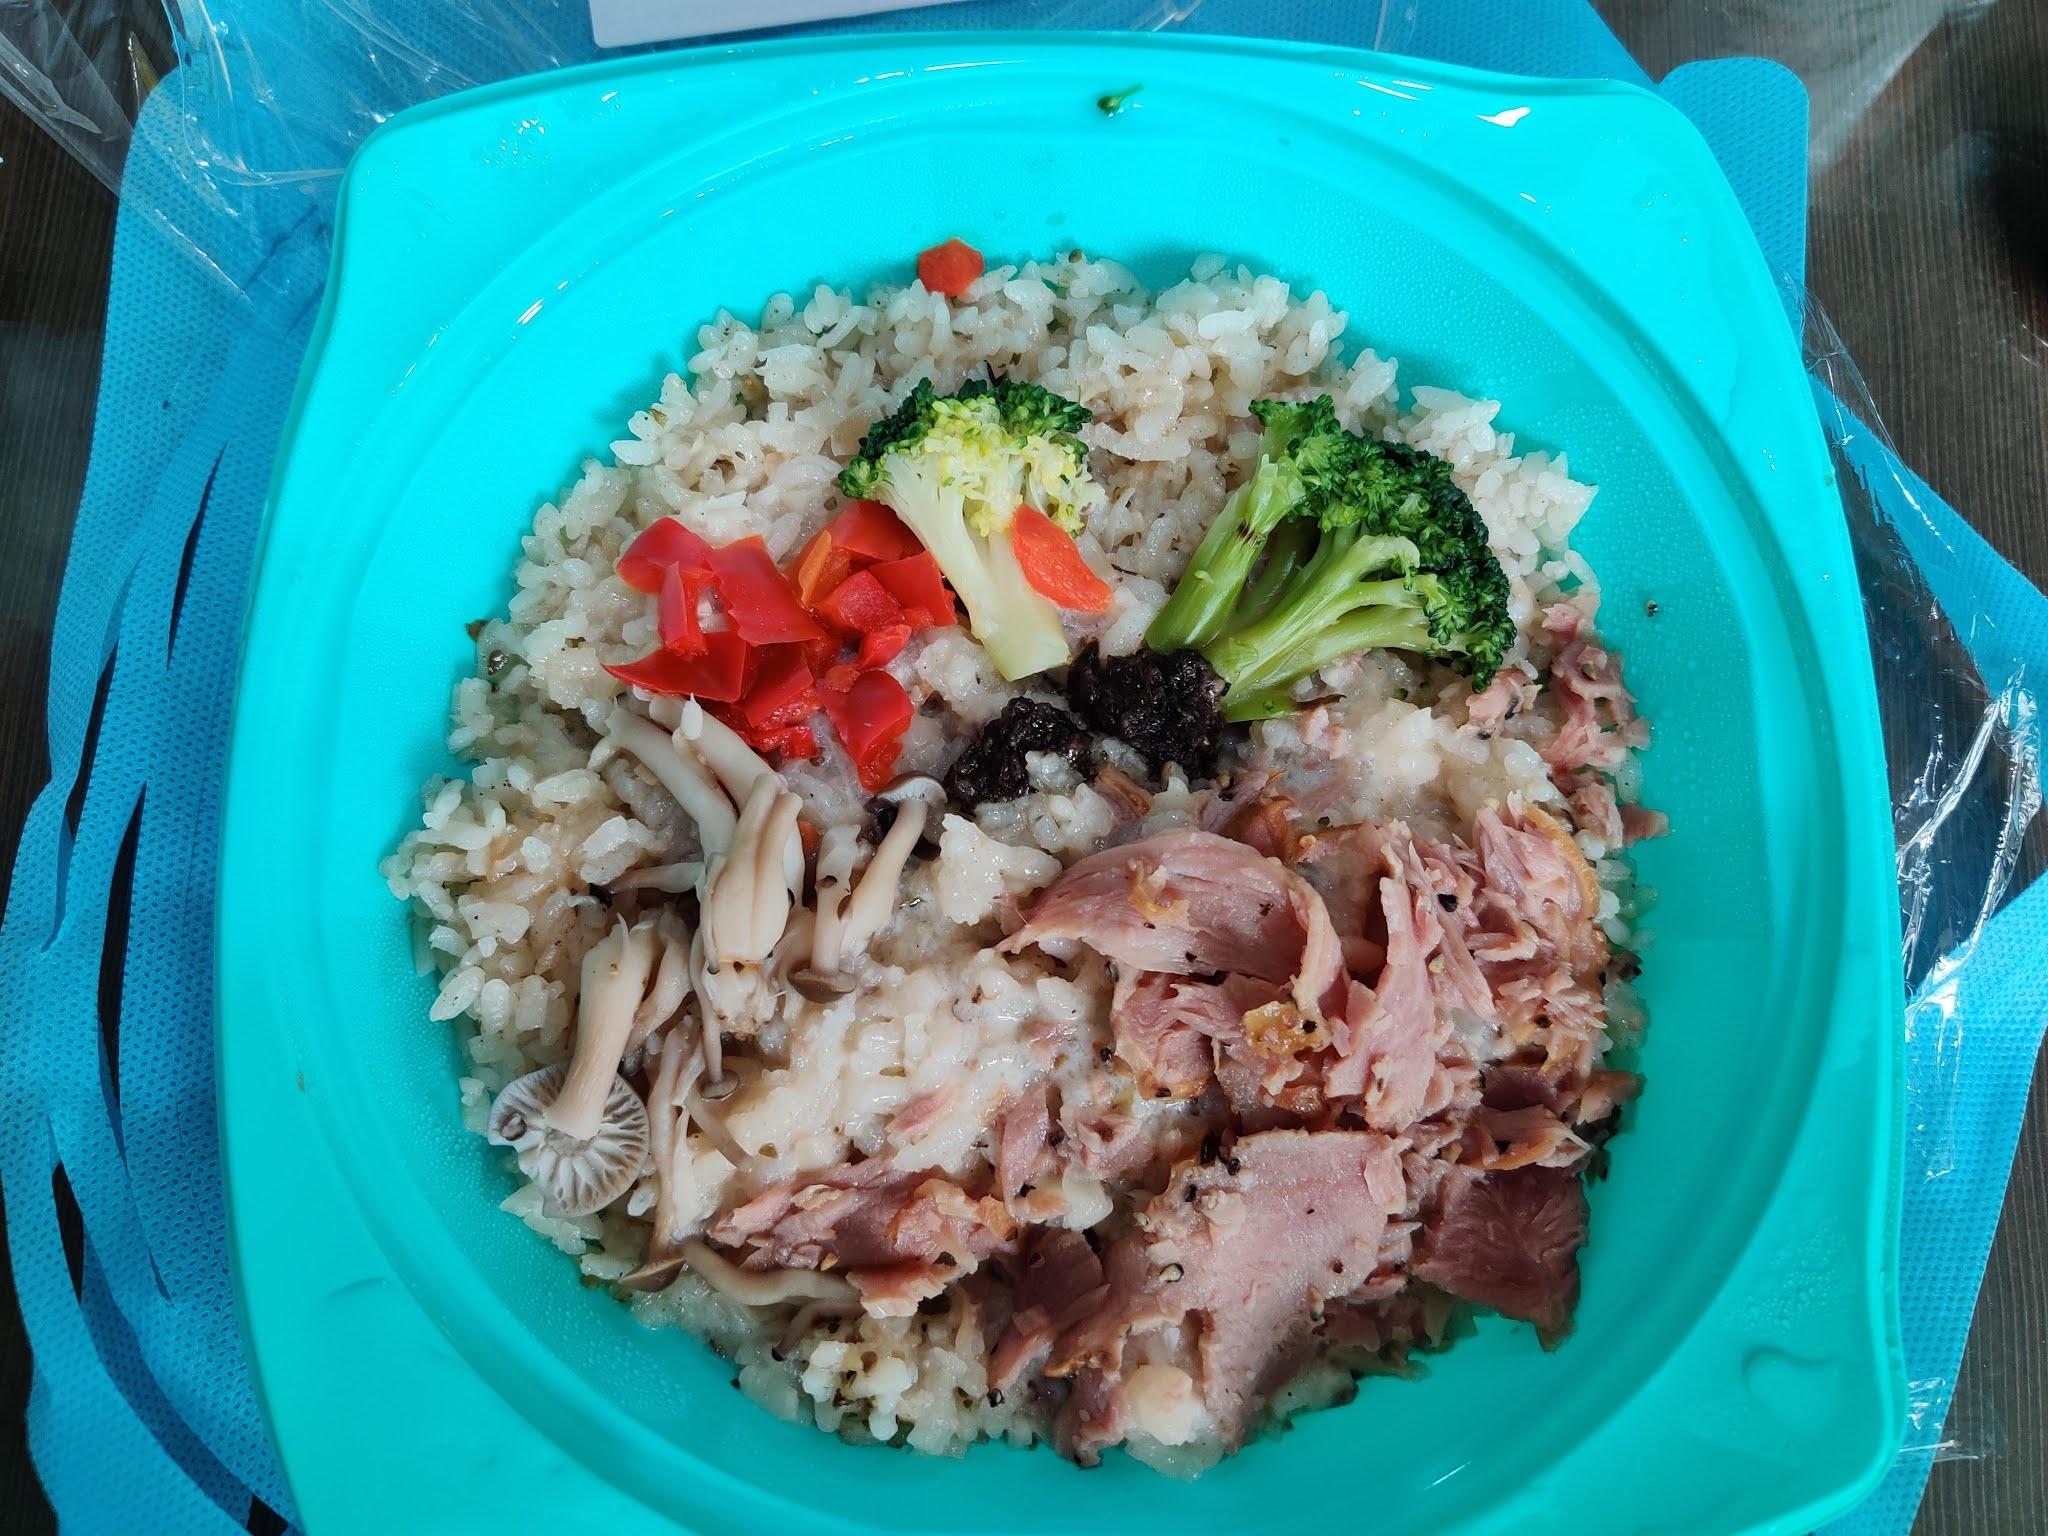 日常吃評 - 7-11 松露菌菇雞肉燉飯